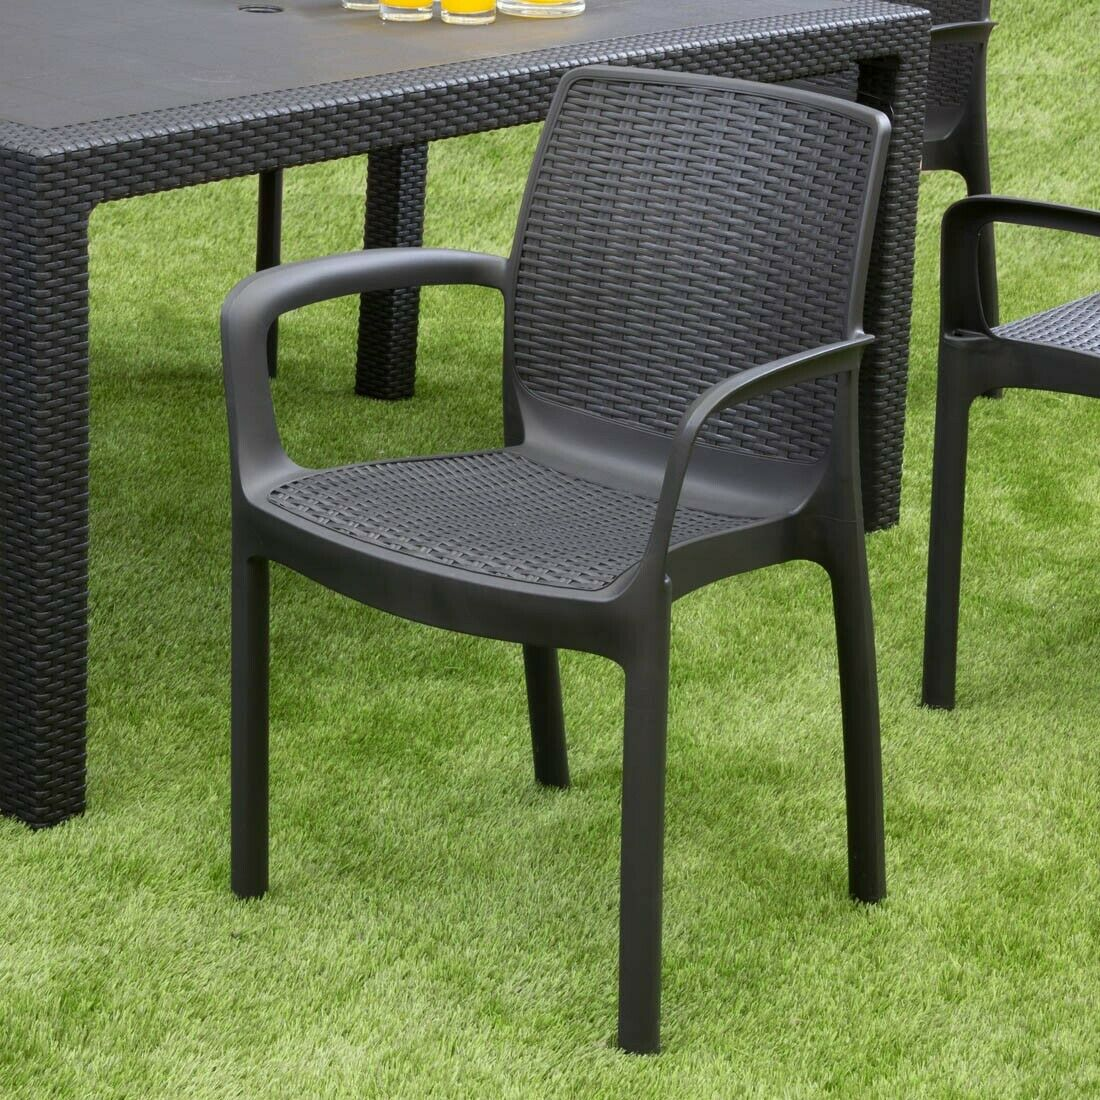 Garden Furniture - Keter Bali Outdoor Garden Furniture Stacking Chair, Graphite 4 Chairs